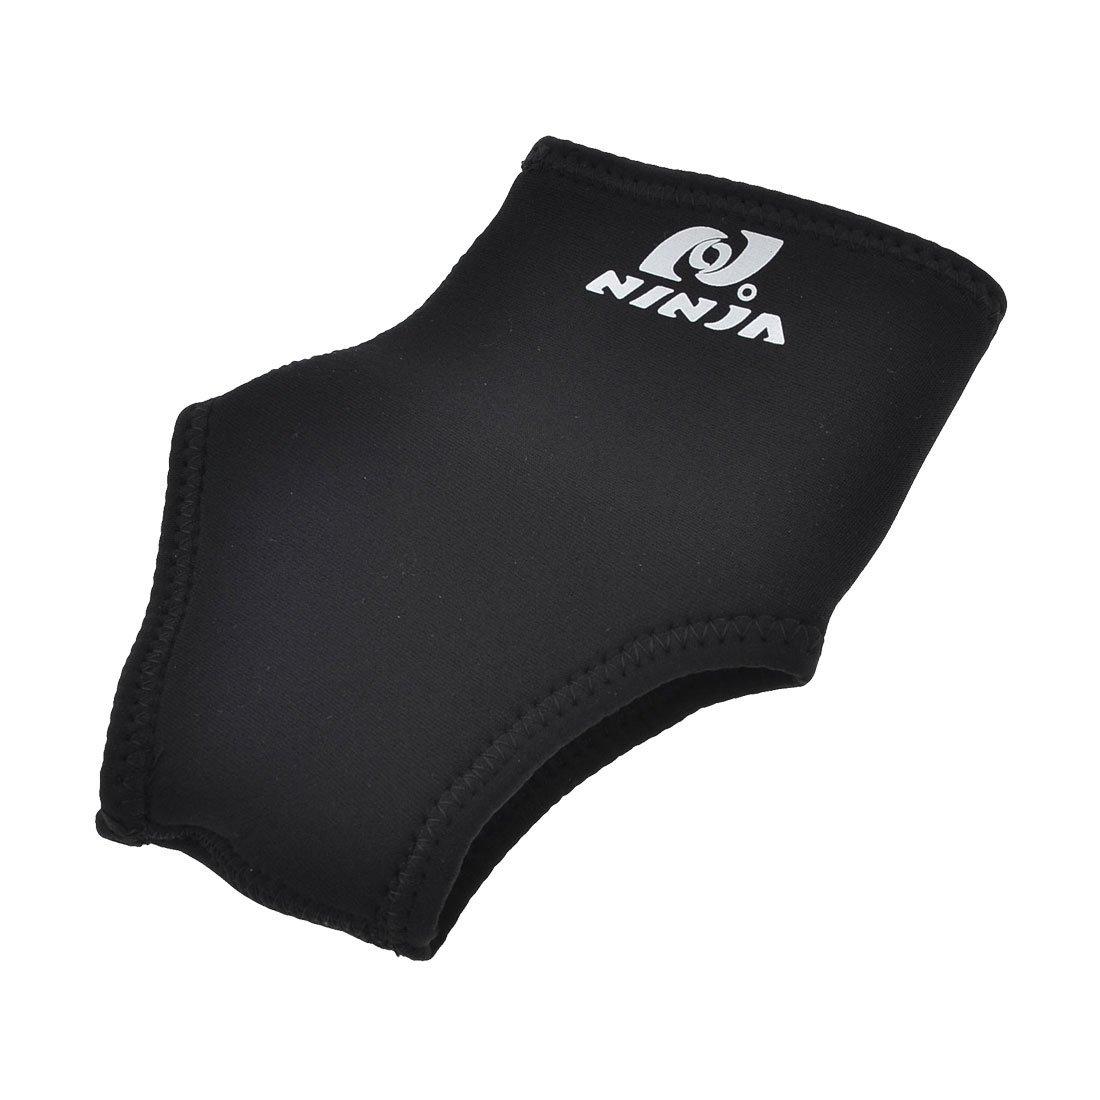 Amazon.com: eDealMax Atletismo Deportes elástico Protector de soporte Para el tobillo del Abrigo de Manga Brace Negro: Health & Personal Care